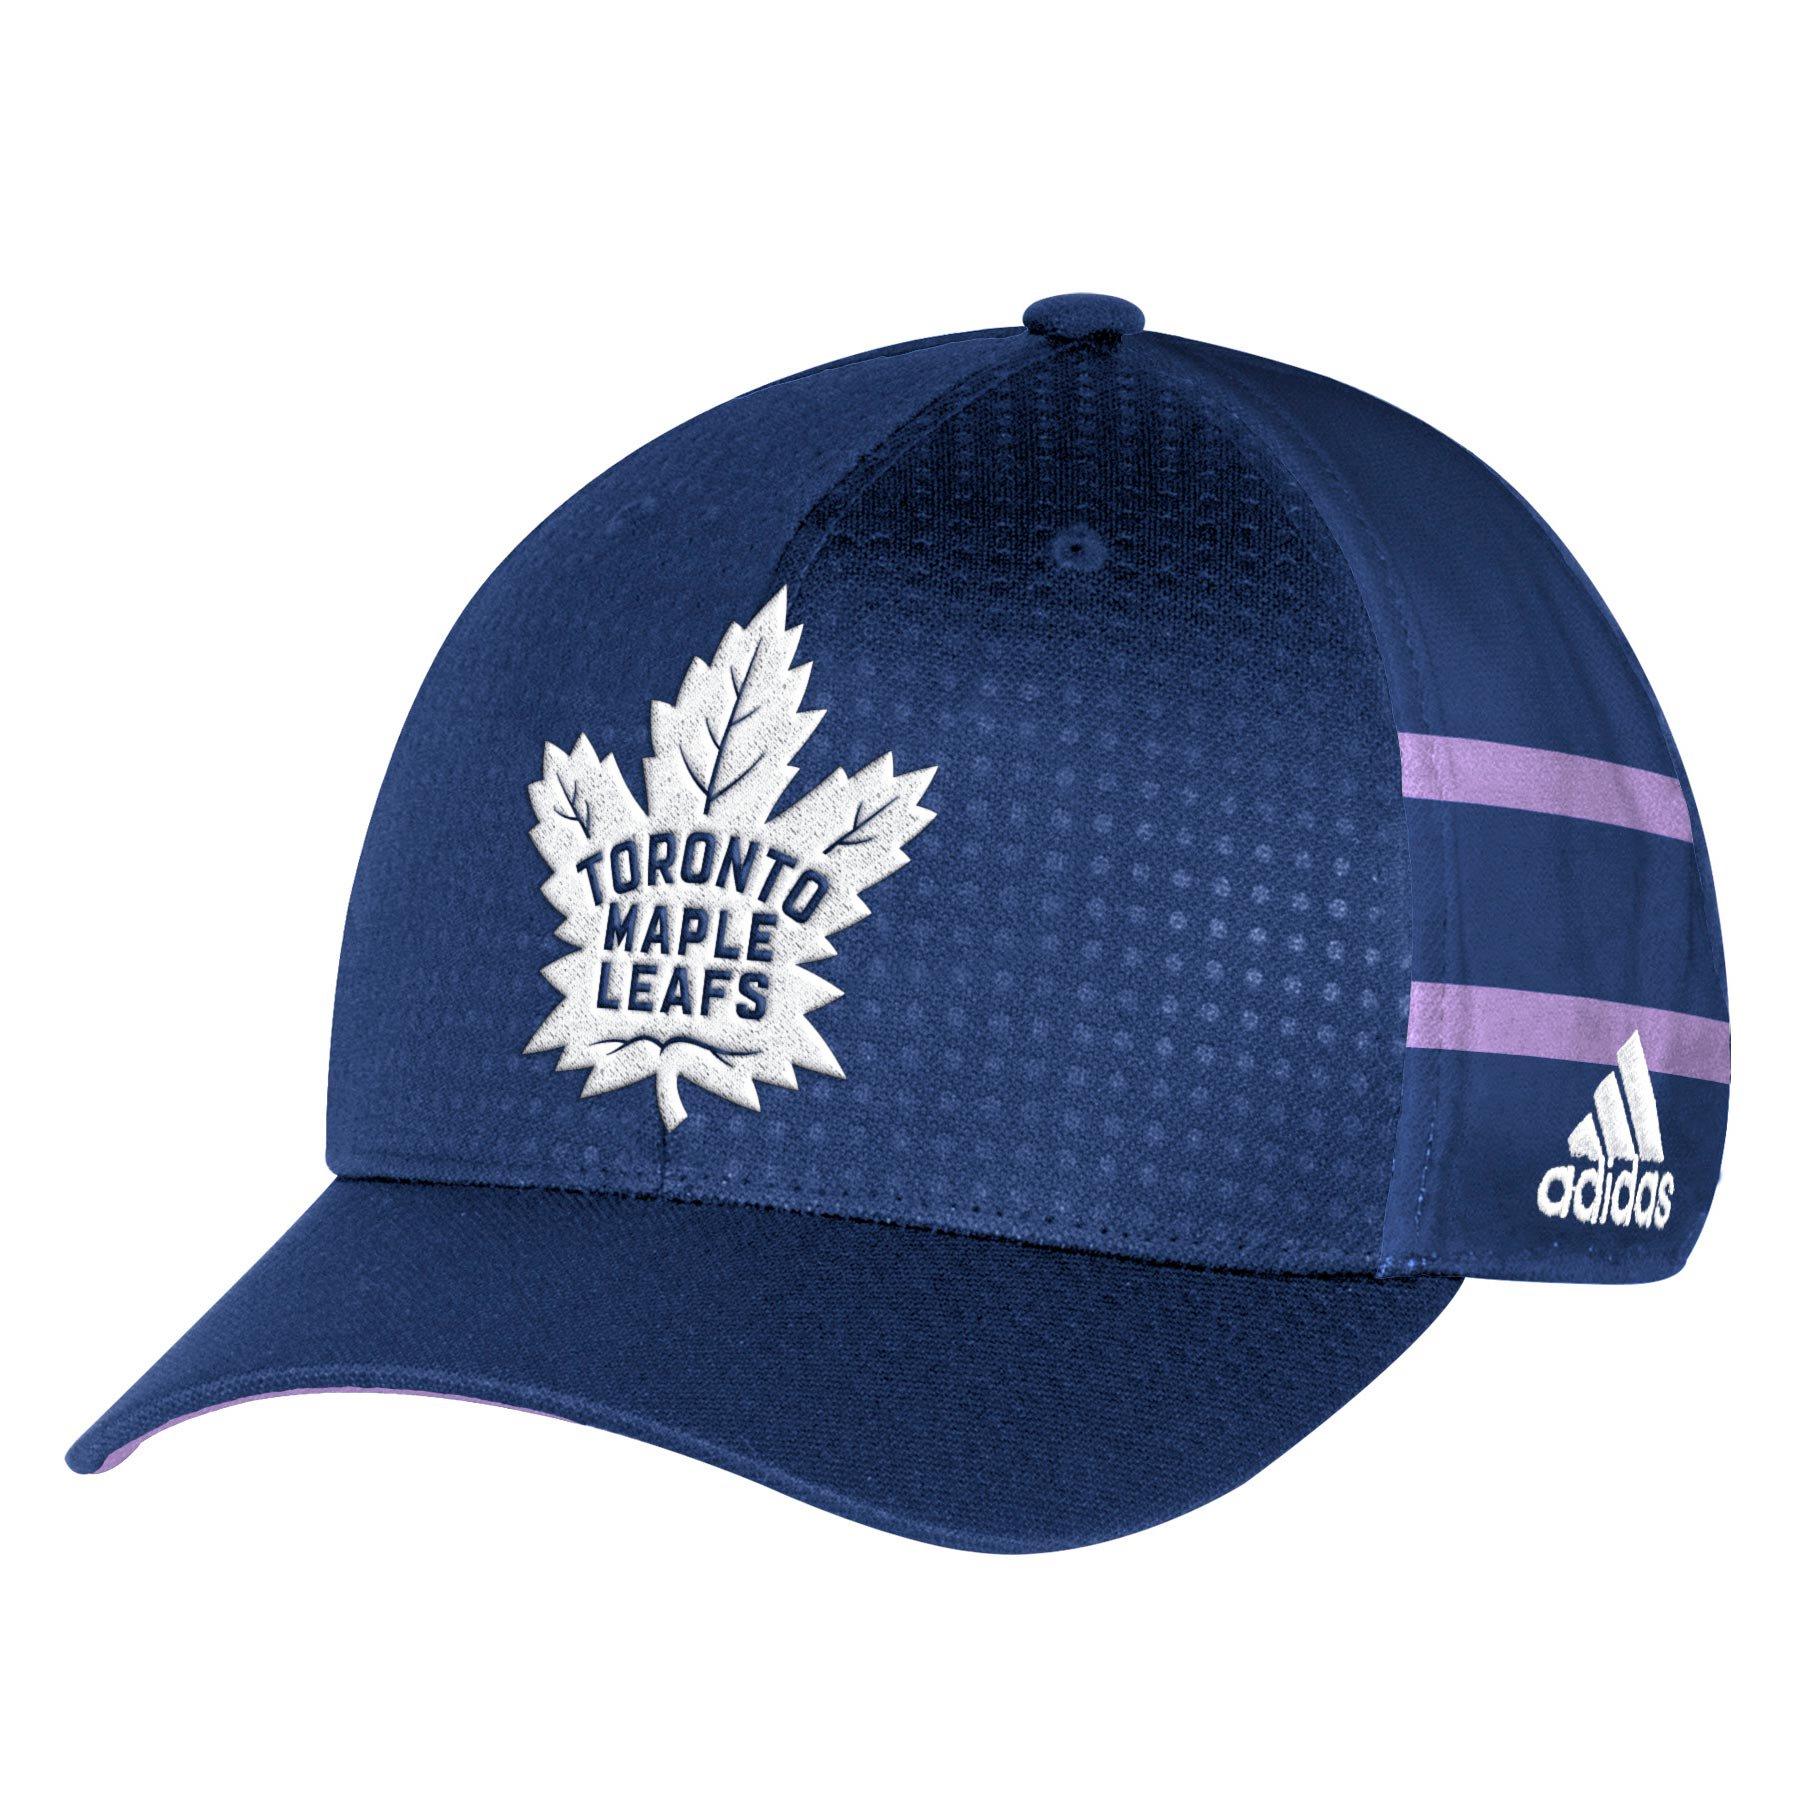 size 40 8e47c 6f1b8 Toronto Maple Leafs NHL 2017 adidas Hockey Fights Cancer ...